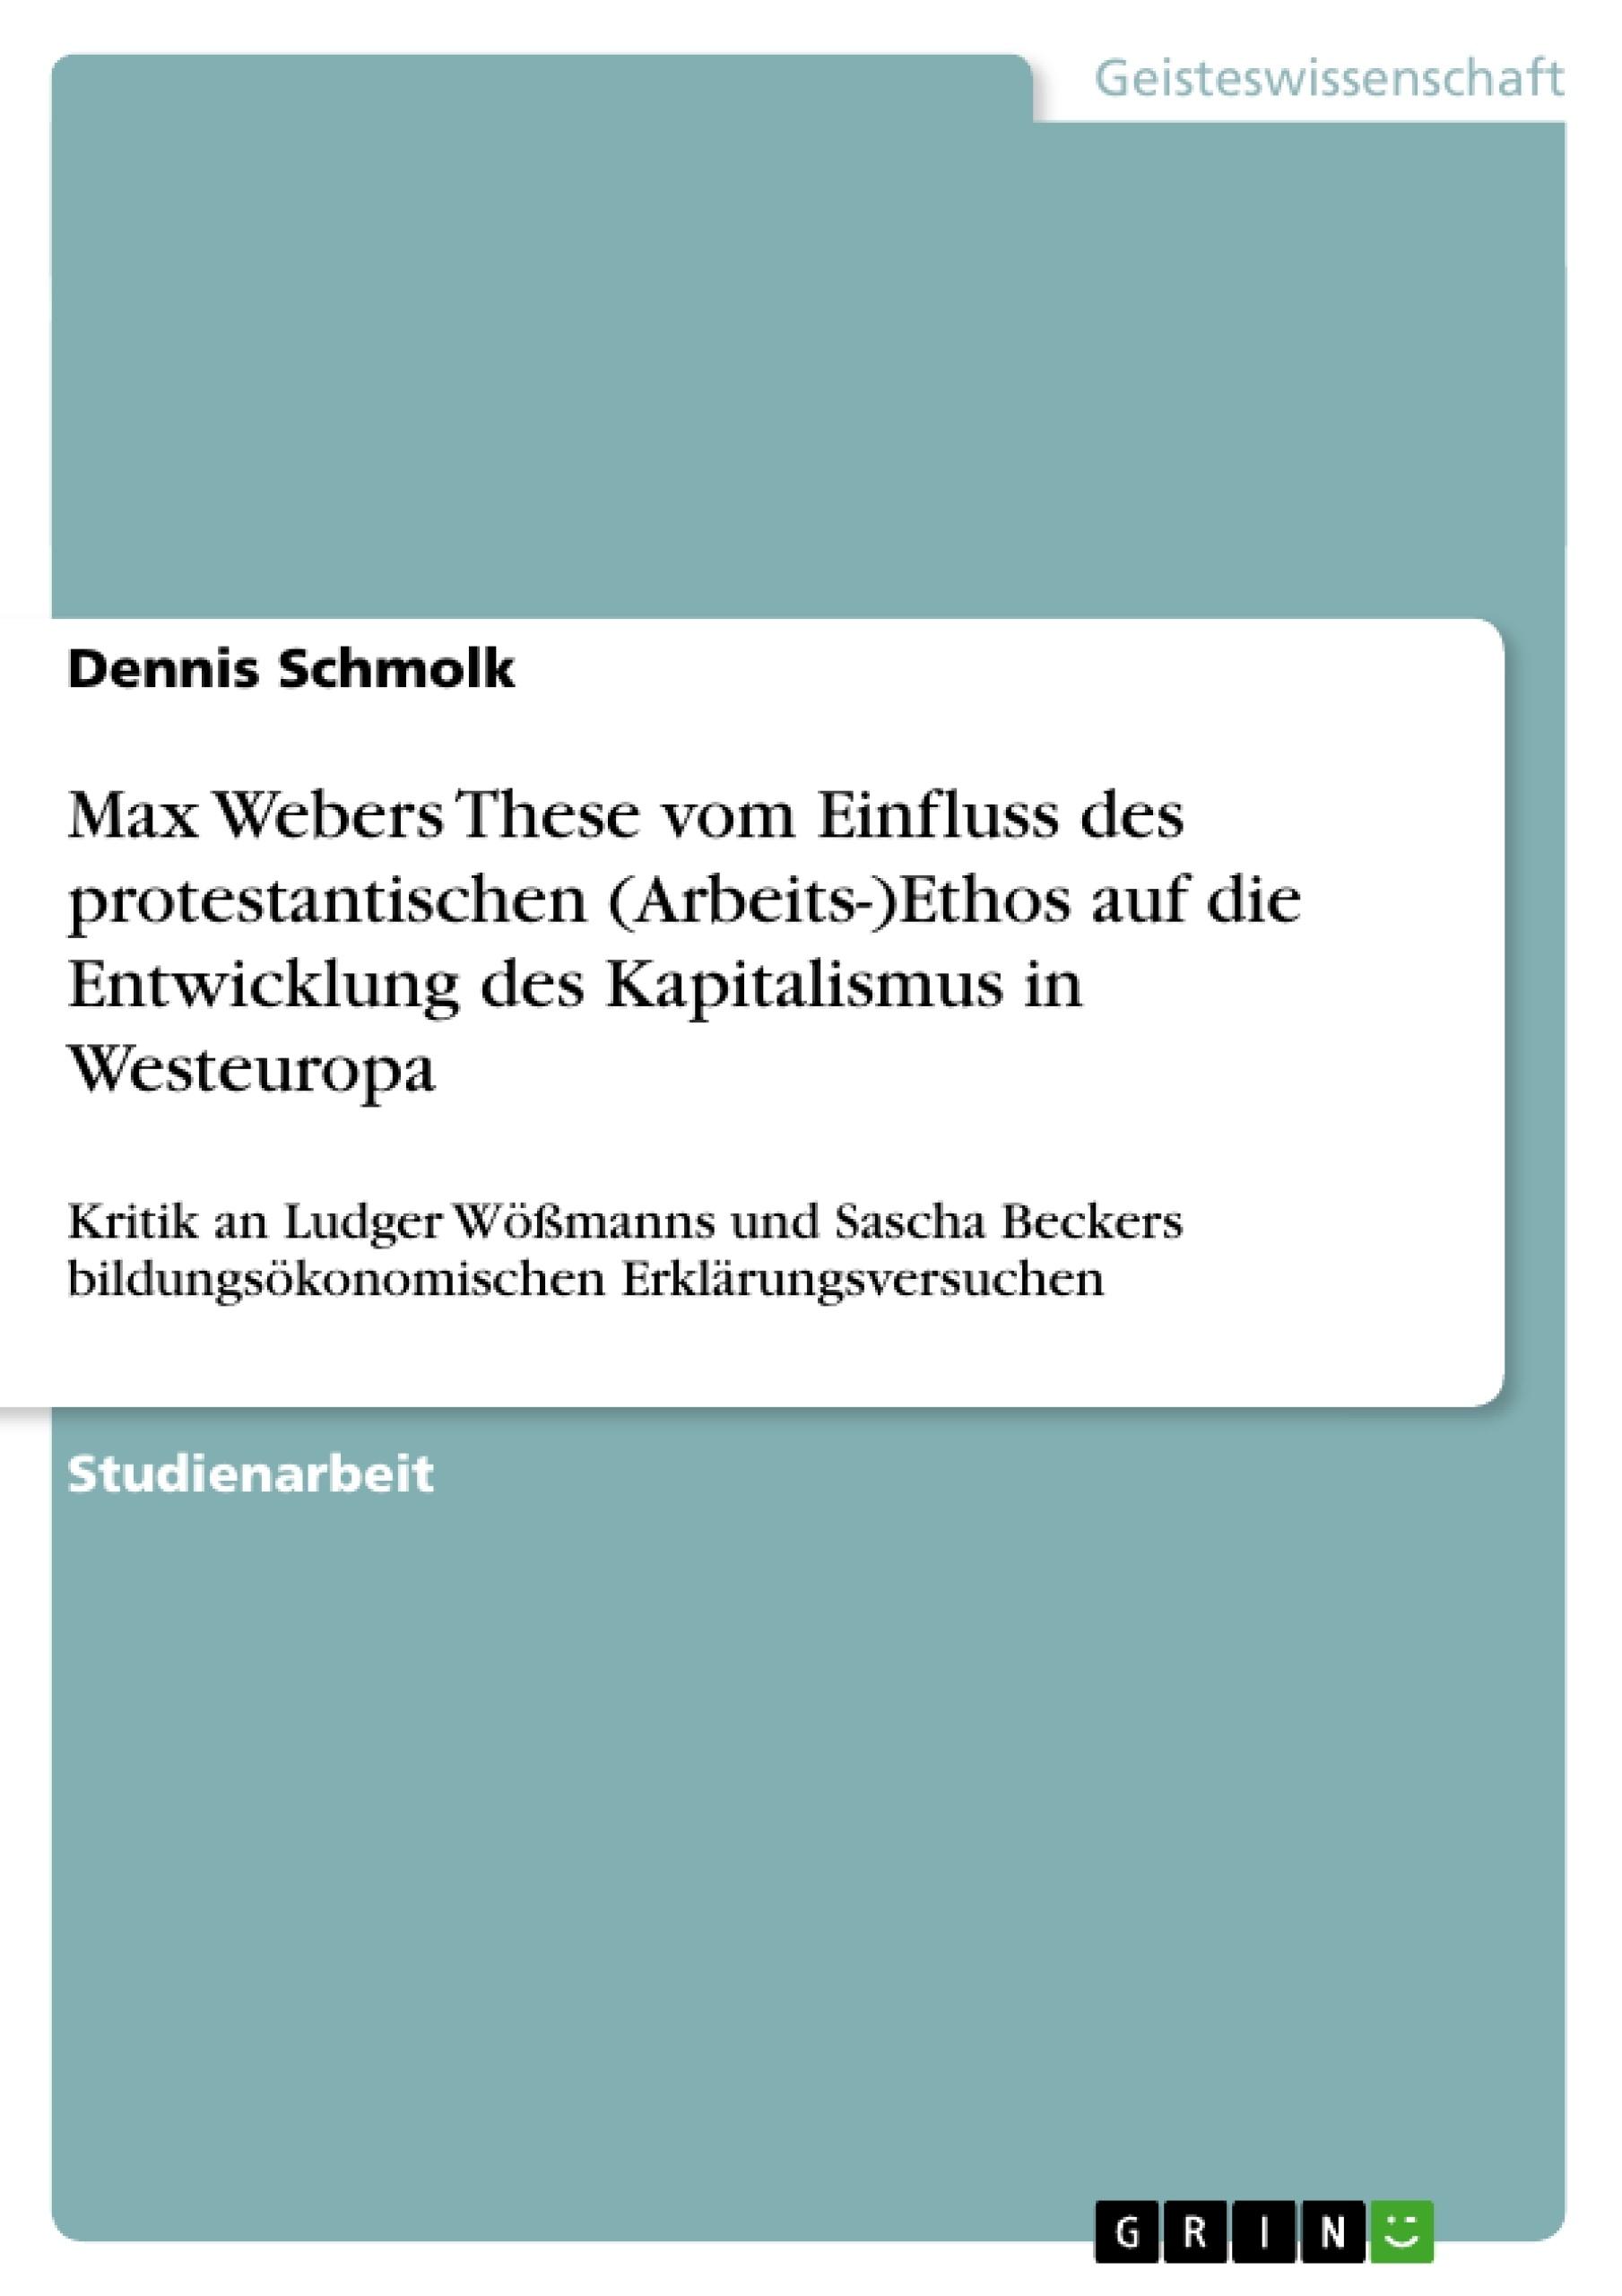 Titel: Max Webers These vom Einfluss des protestantischen (Arbeits-)Ethos auf die Entwicklung des Kapitalismus in Westeuropa